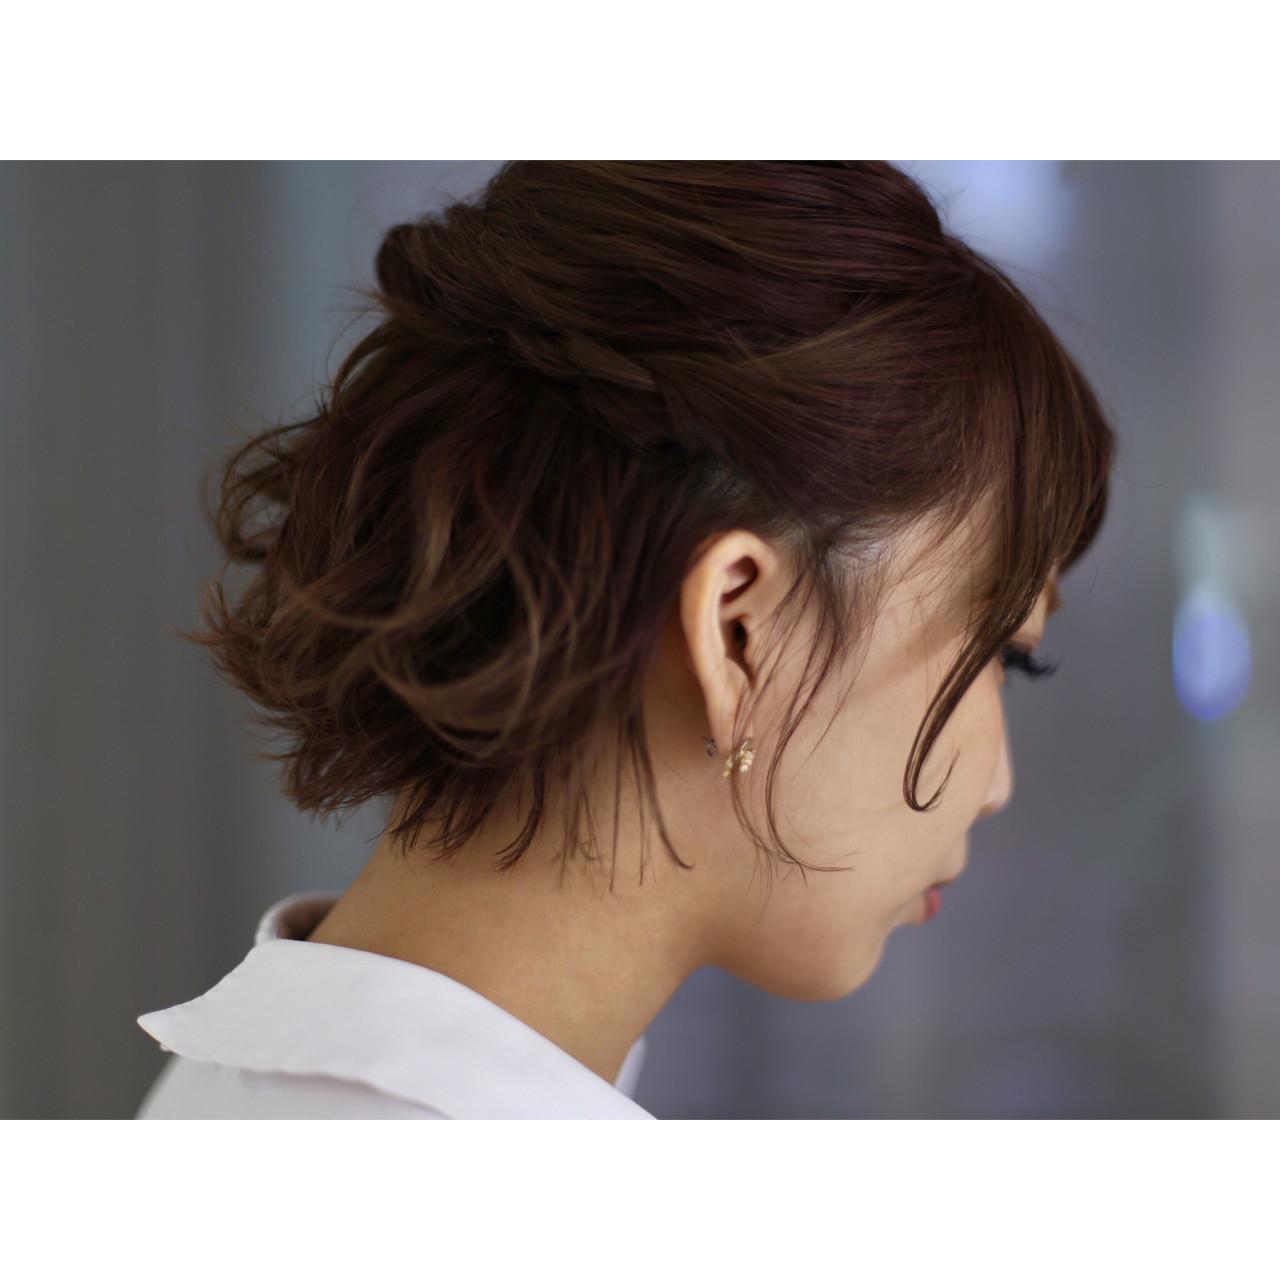 ハーフアップで大人可愛いヘアアレンジに toonoe naoki / yoha ku